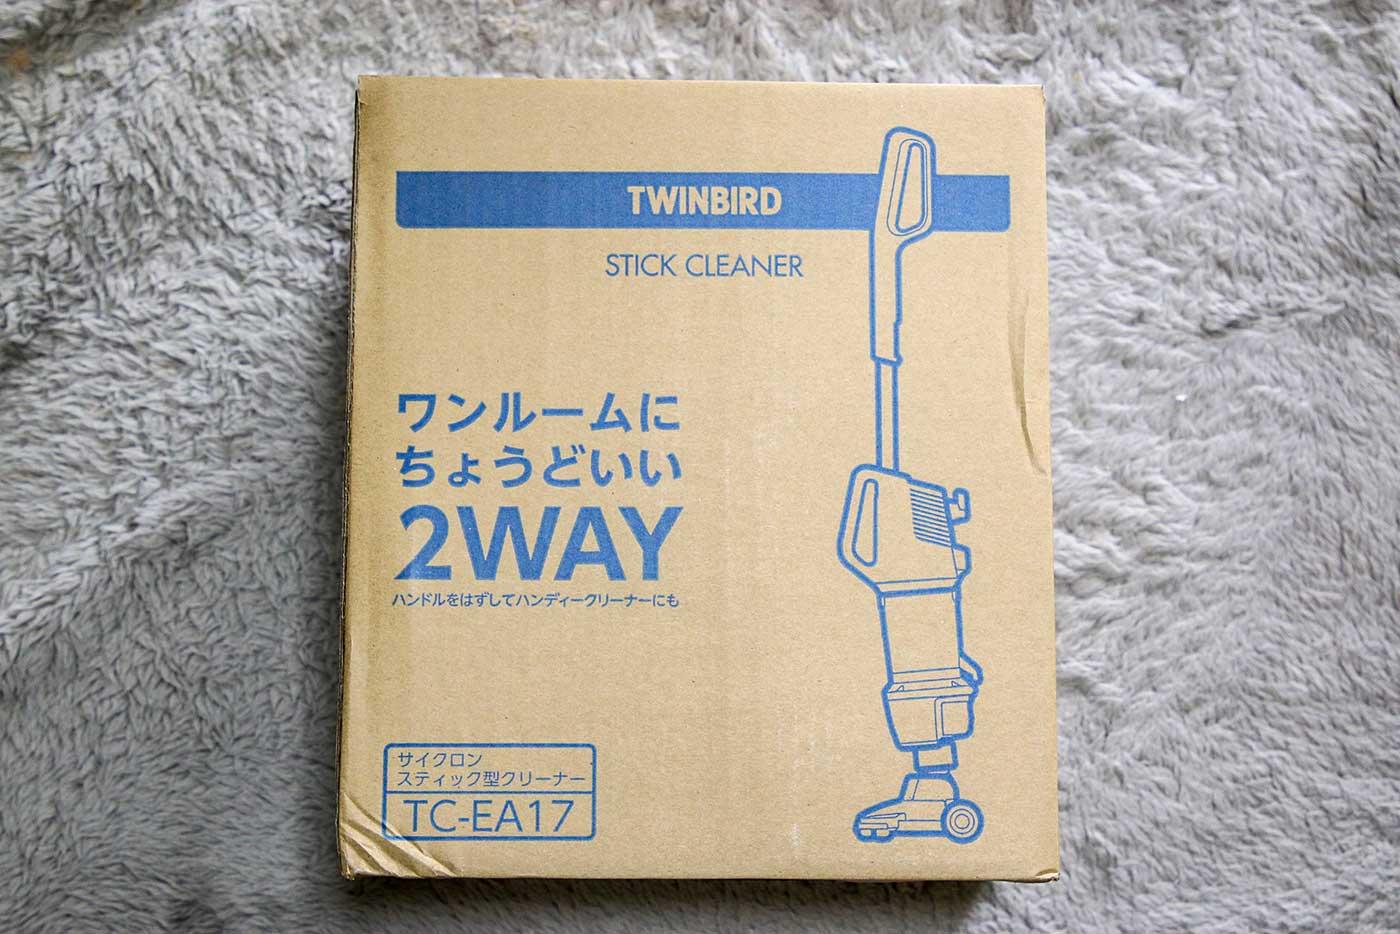 ツインバードの掃除機の箱